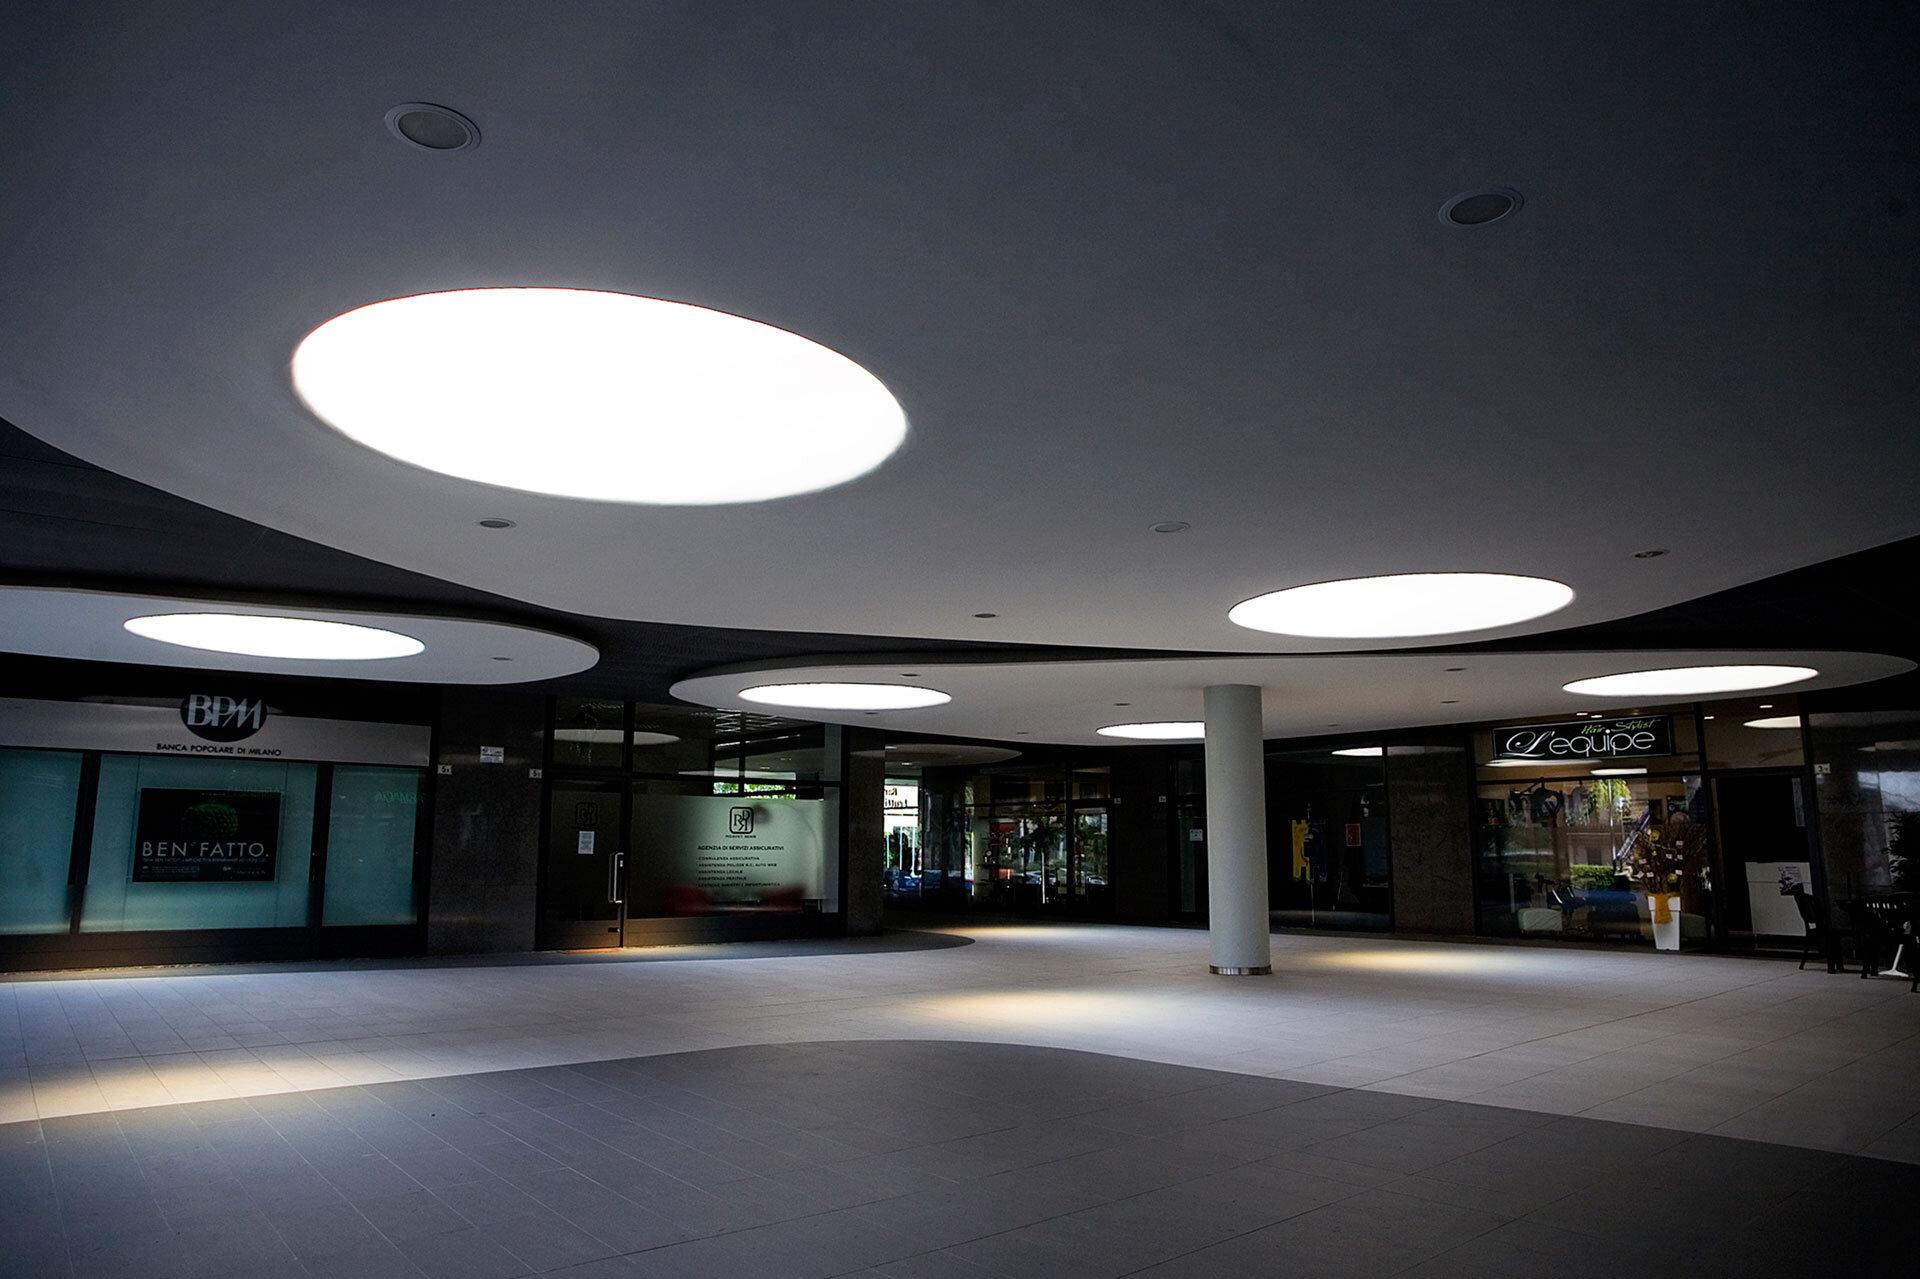 MIRASOLE RETAIL CENTER 2